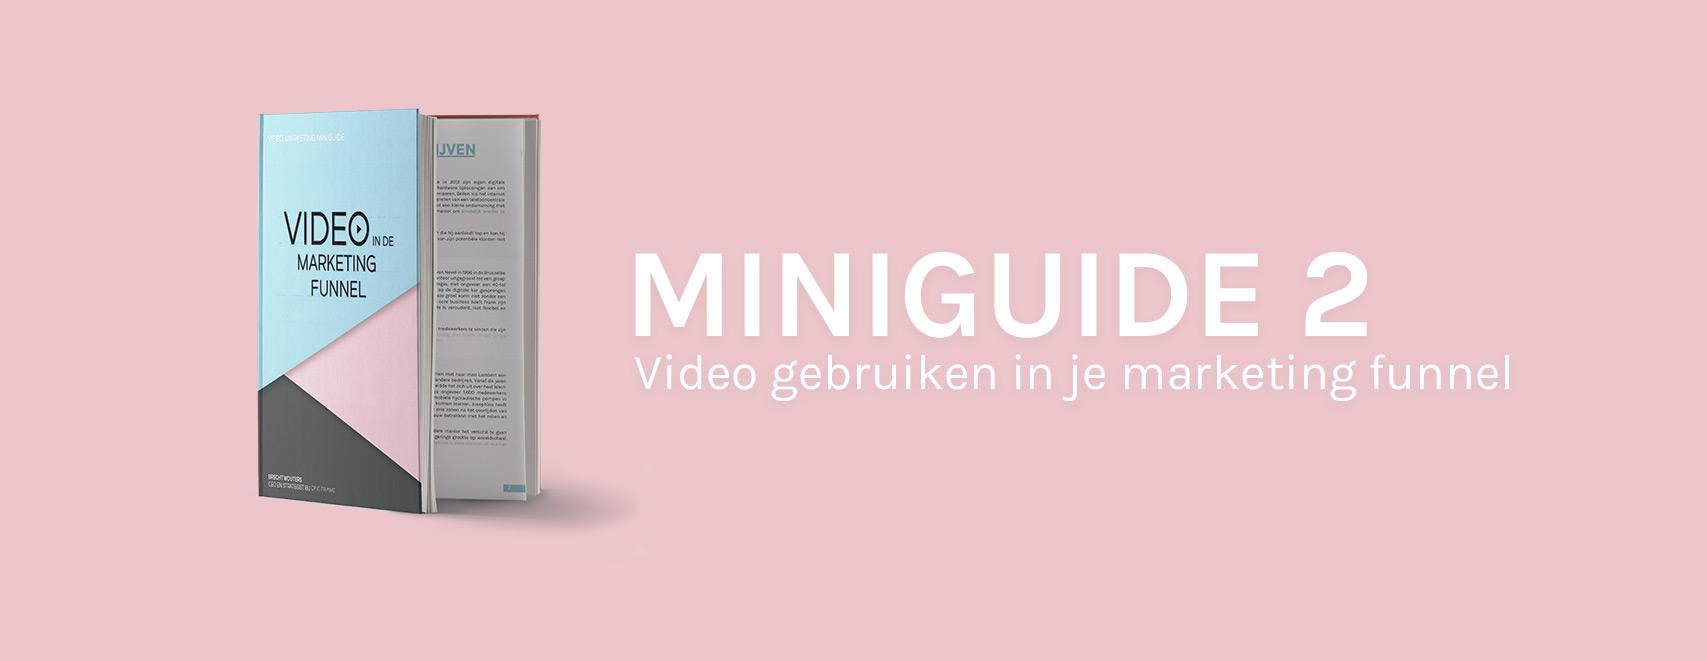 Miniguide 2 thumbnail